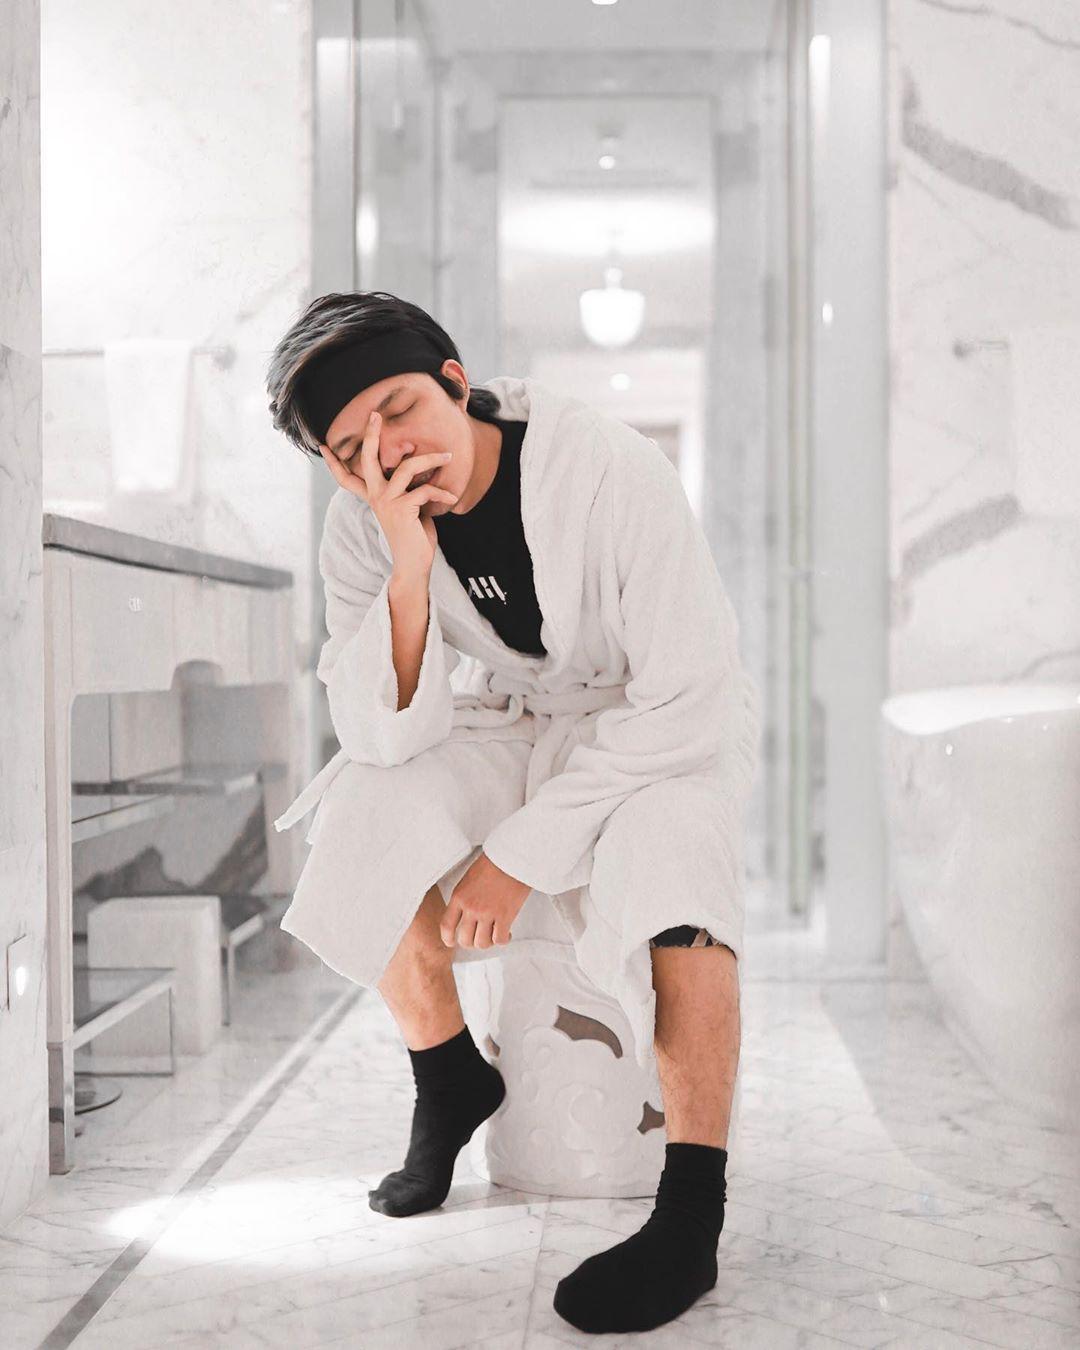 """Atta Halilintar on Instagram: """"Ada caption yang pas buat photo ini? 😏❤️ - Hotelnya unik banget sampe dikamar mandi aja bisa jadi spot foto menarik.  Kalian bisa juga beli…"""""""